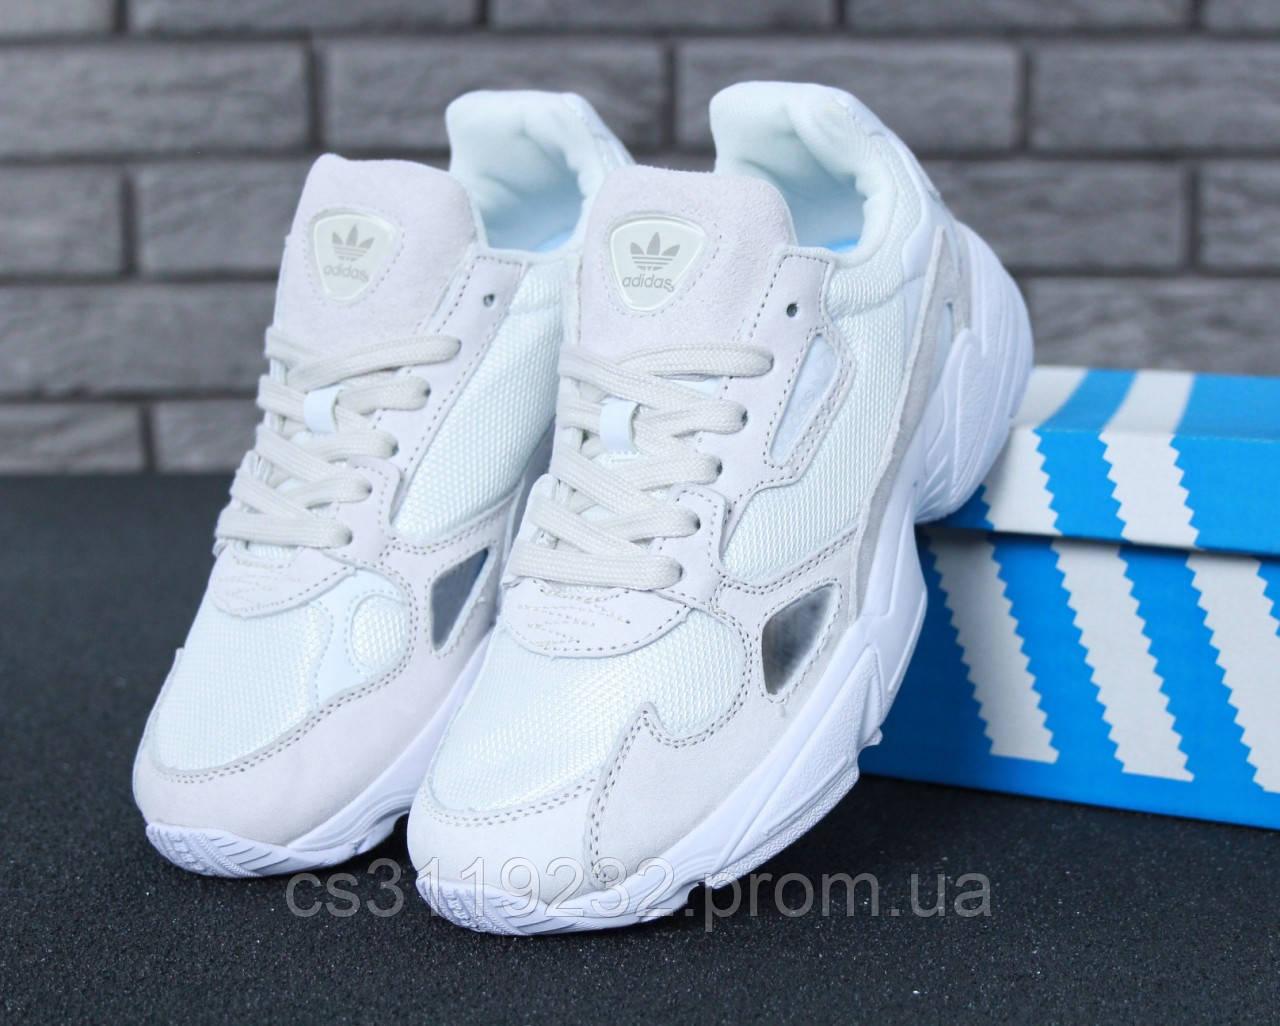 Мужские кроссовки Adidas Falcon Full White (белые)